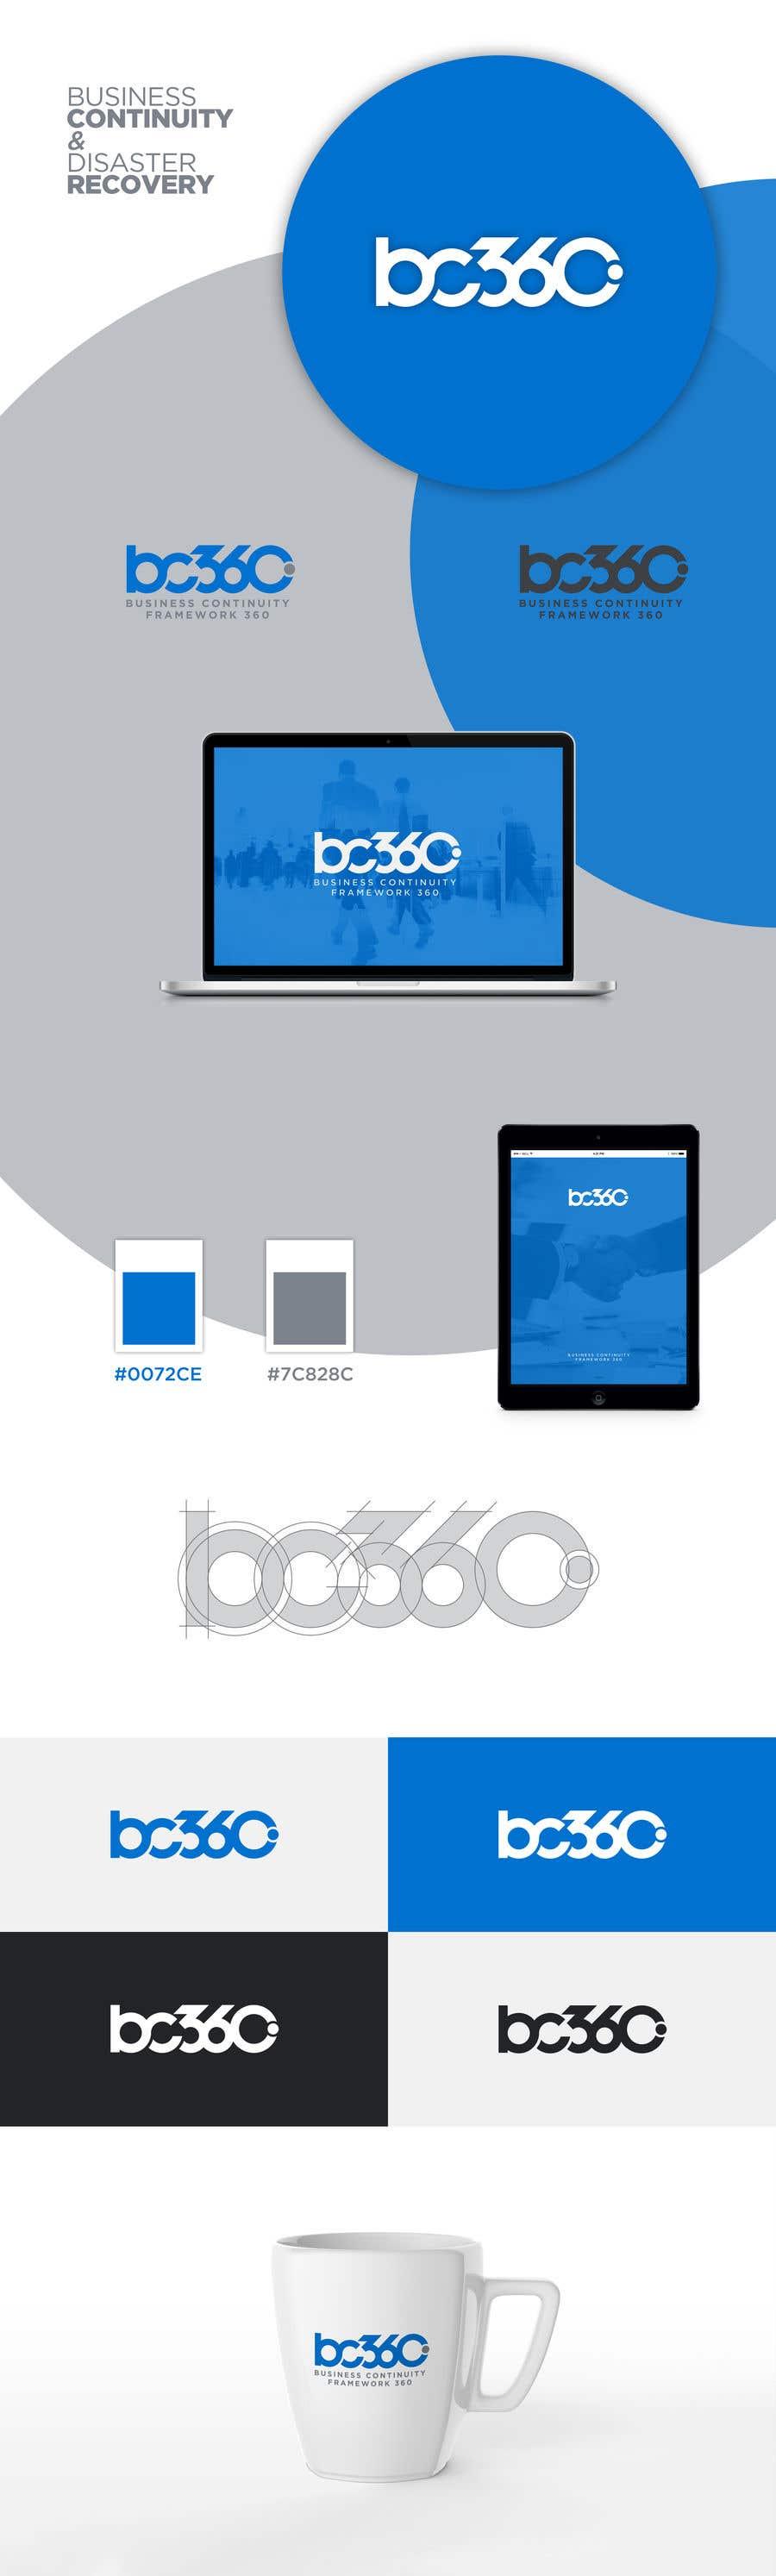 Kilpailutyö #261 kilpailussa Design a Logo for BC360